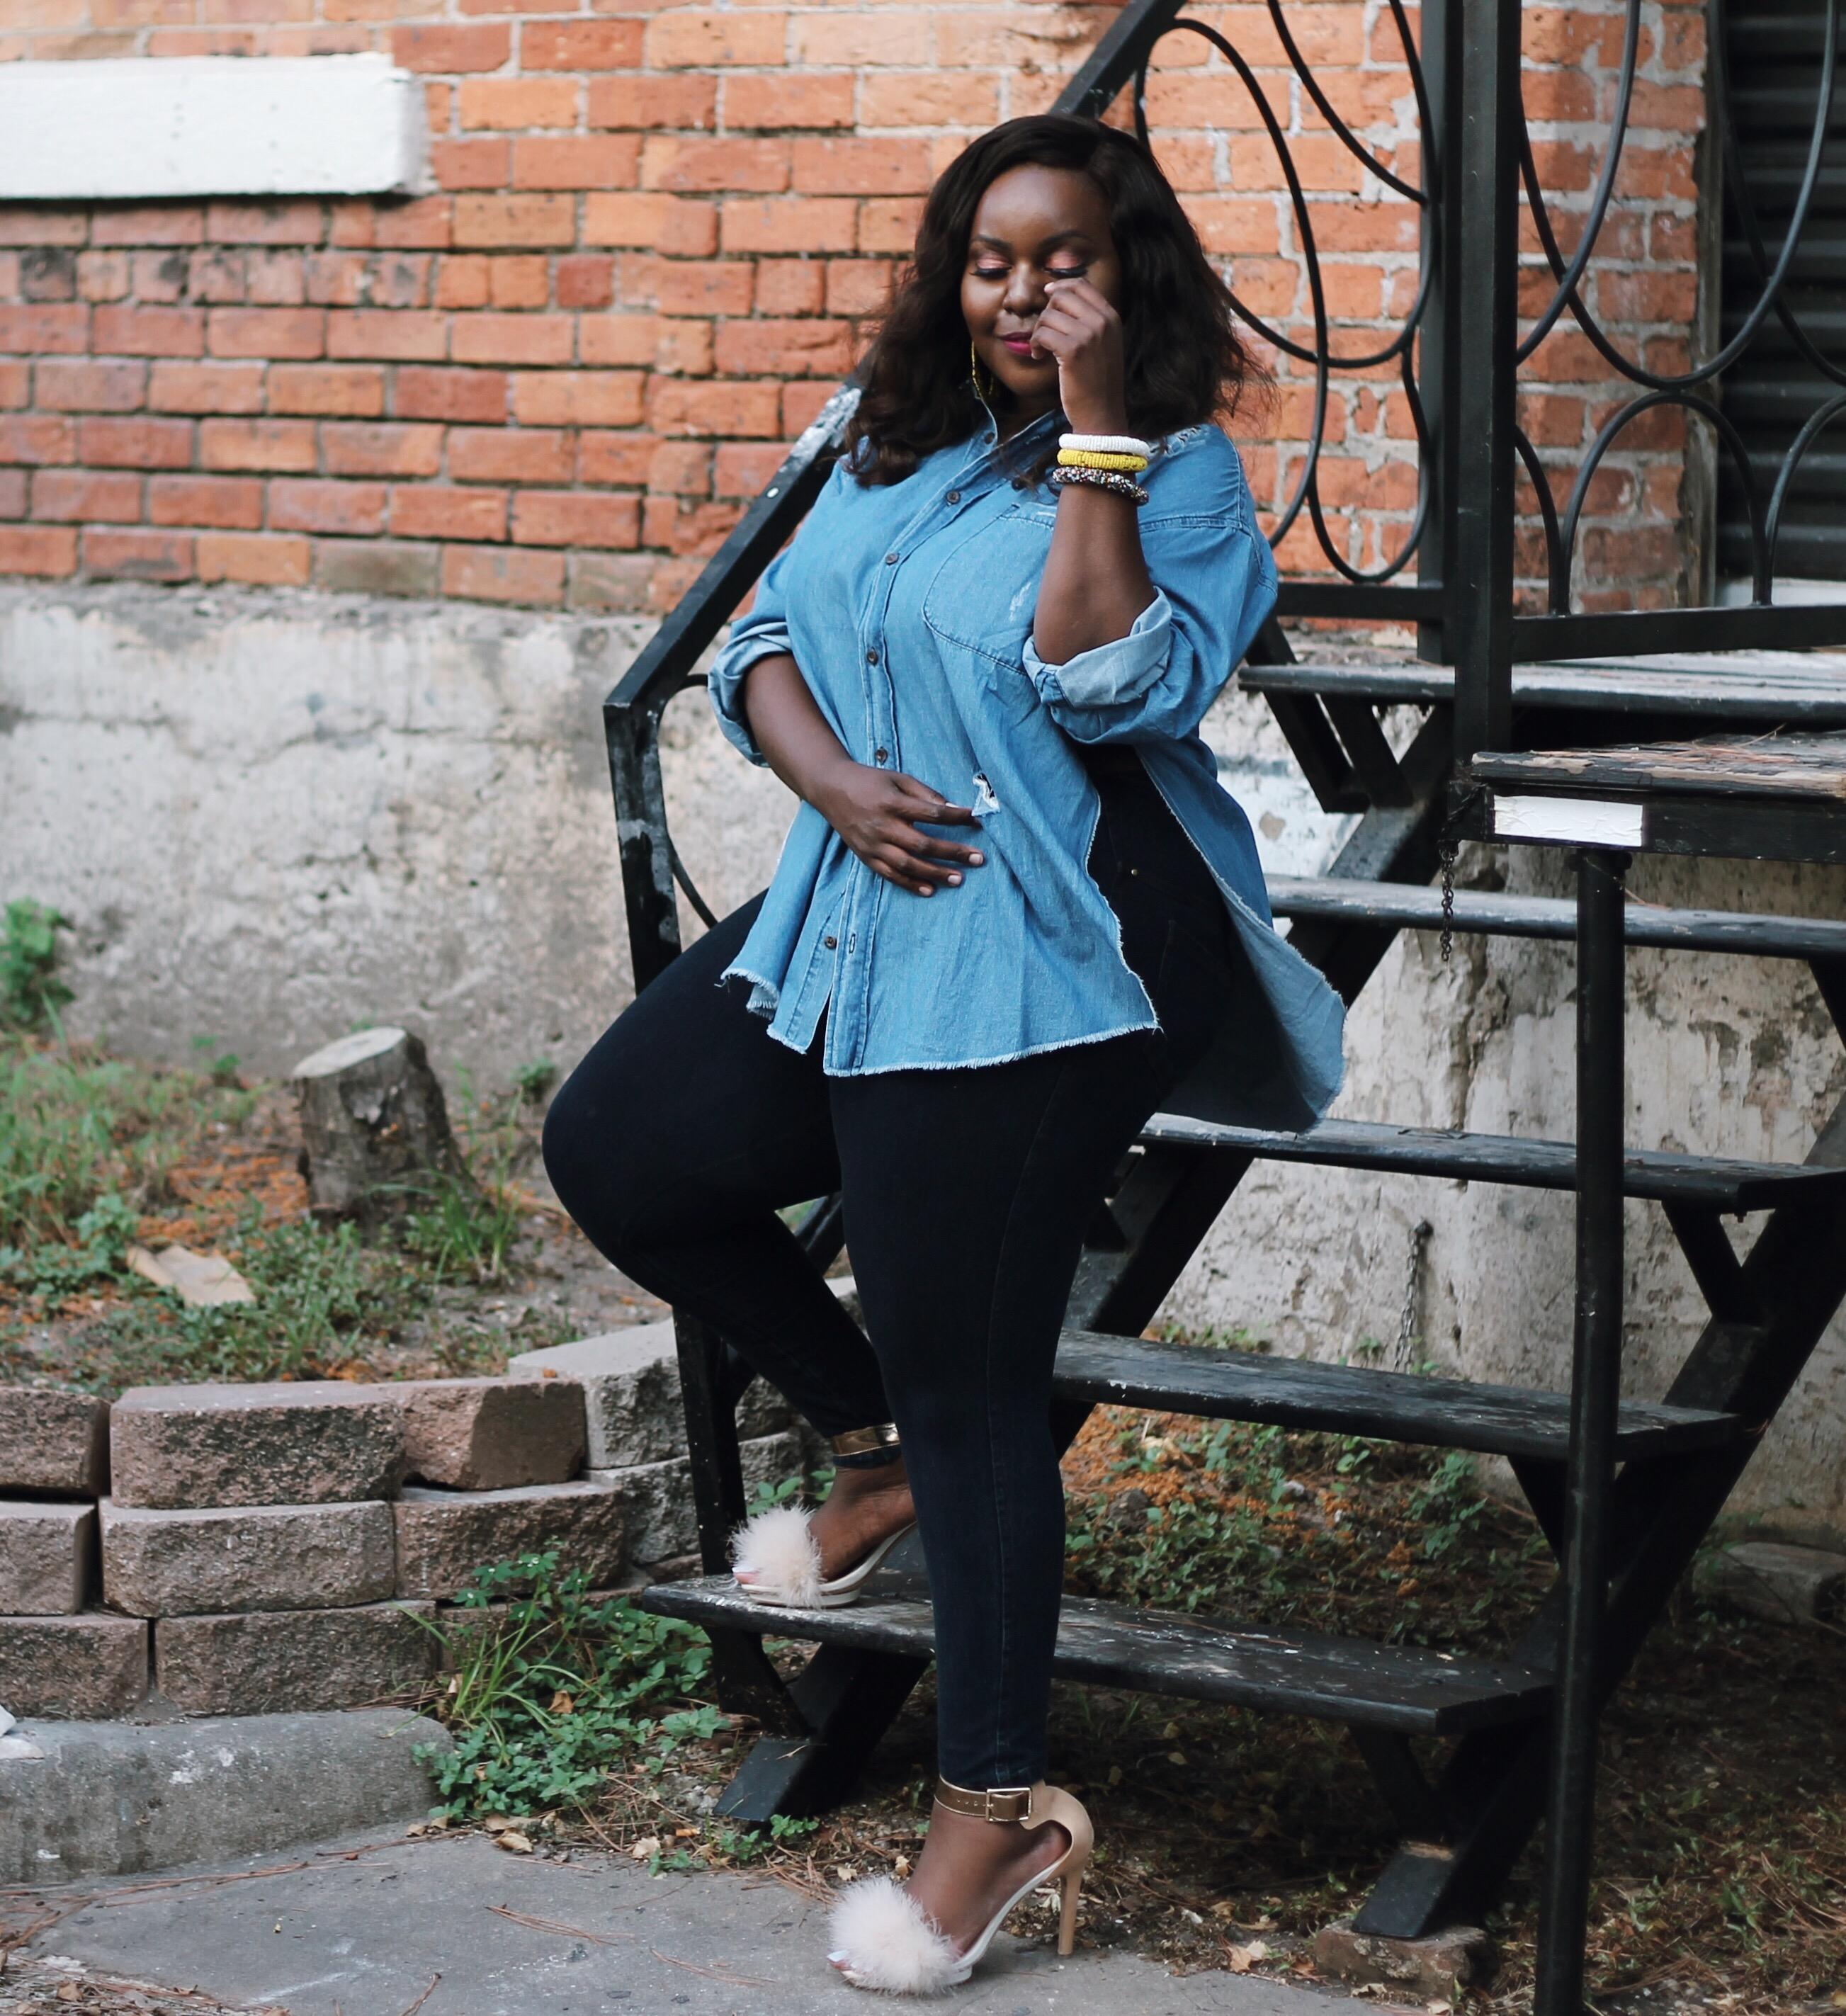 plus size fashion blogs 2017, beautiful curvy girls,how to fill the eye brow of a dark skin,beautiful plus size dark skin girls, plus size black bloggers, clothes for curvy girls, curvy girl fashion clothing, plus blog, plus size fashion tips, plus size women blog, curvy women fashion, plus blog, curvy girl fashion blog, style plus curves, plus size fashion instagram, curvy girl blog, bbw blog, plus size street fashion, plus size beauty blog, plus size fashion ideas, curvy girl summer outfits, plus size fashion magazine, plus fashion bloggers, boohoo, rebdolls bodycon maxi dresses, denim on denim